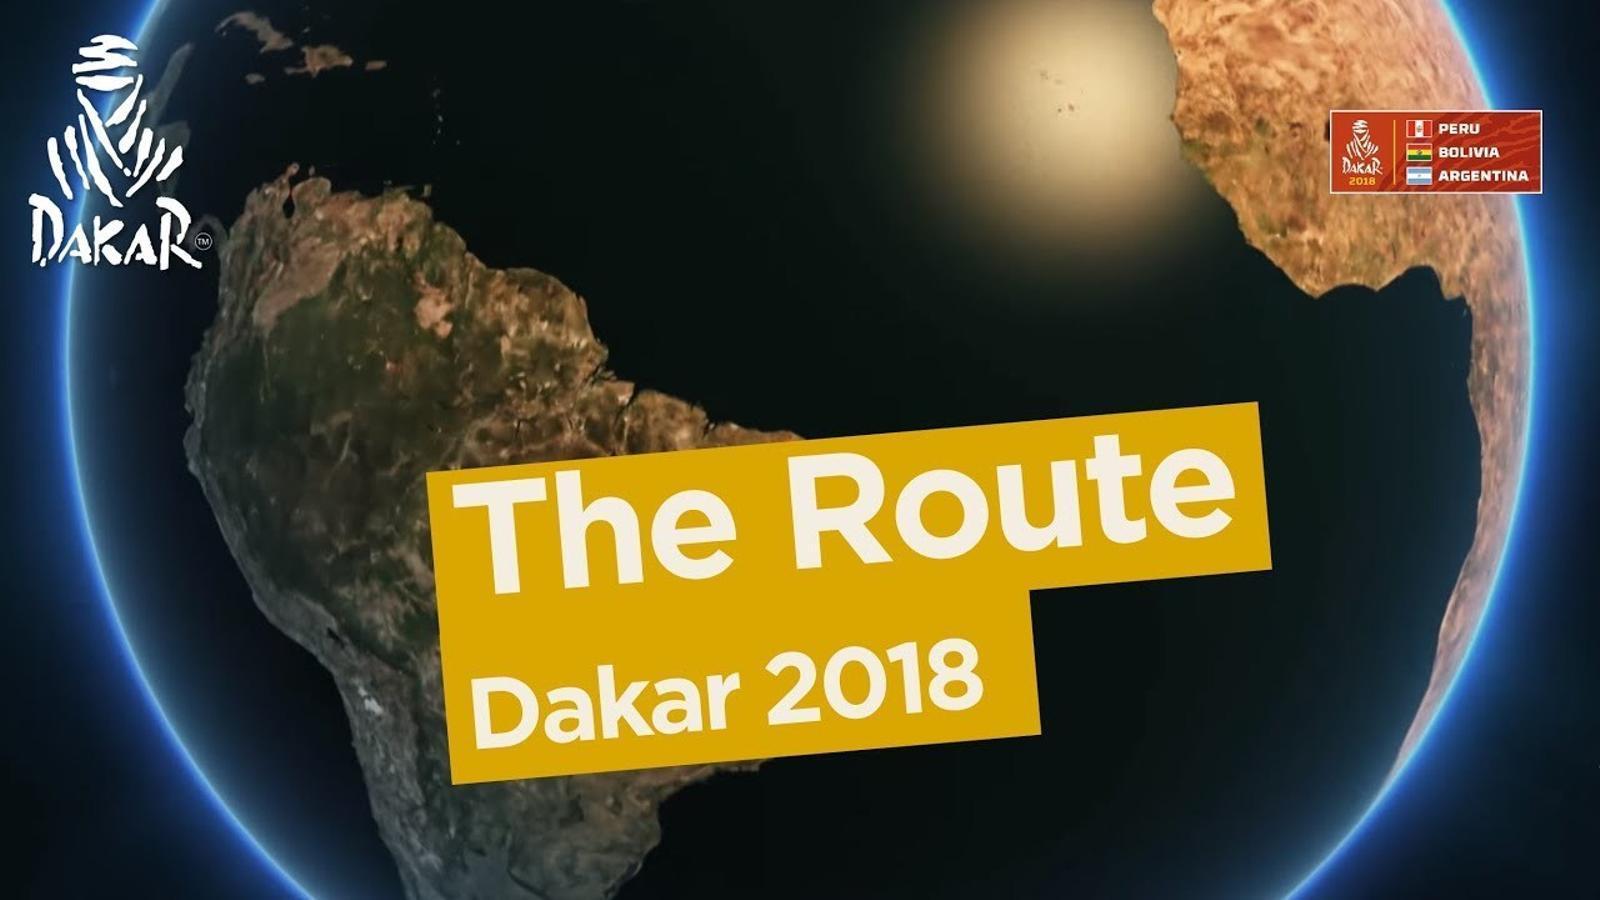 Així serà el Dakar 2018